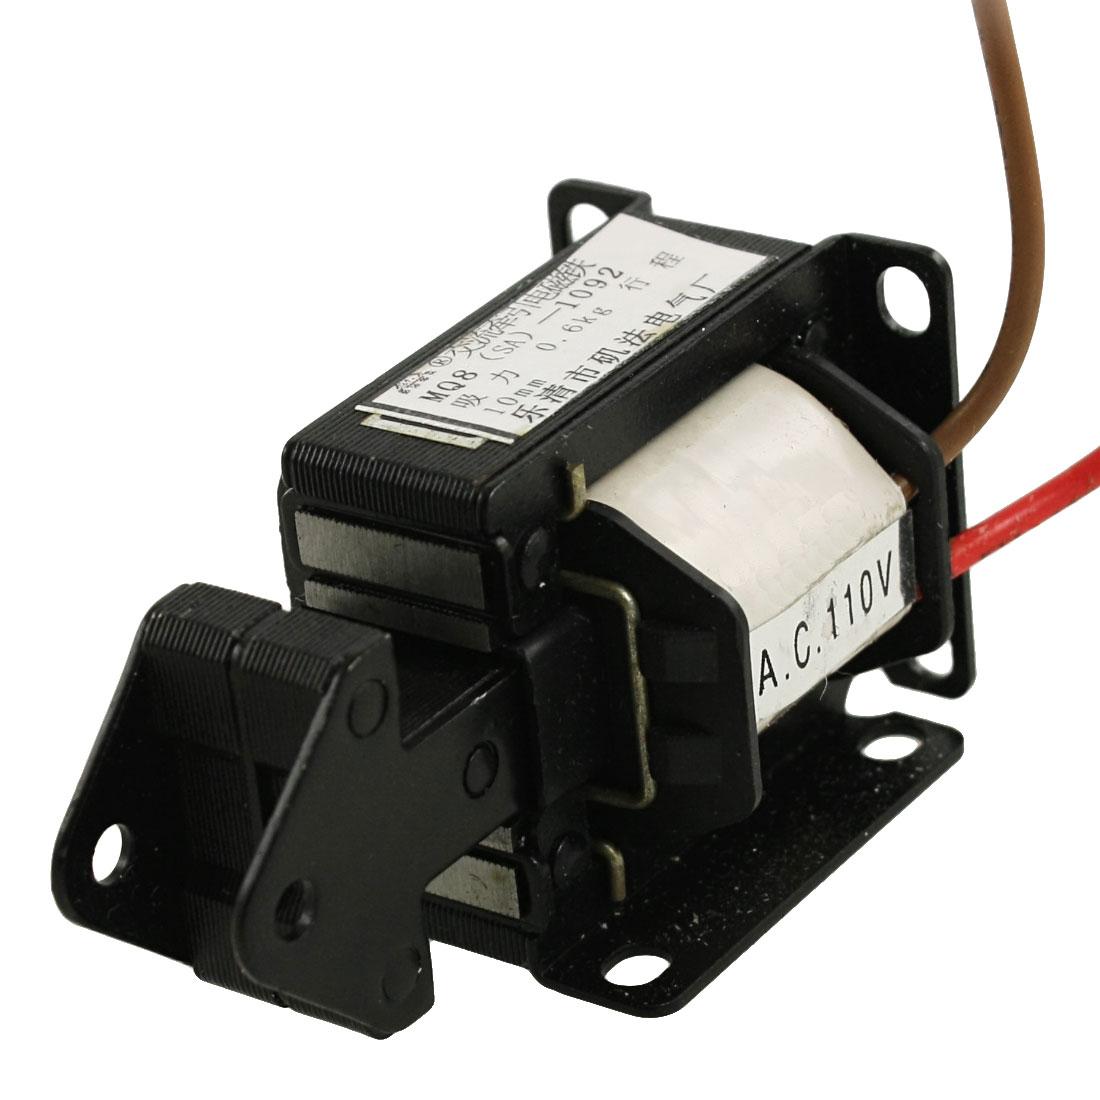 Pull Type AC 110V 10mm Stroke 0.6Kg Force Solenoid Electromagnet